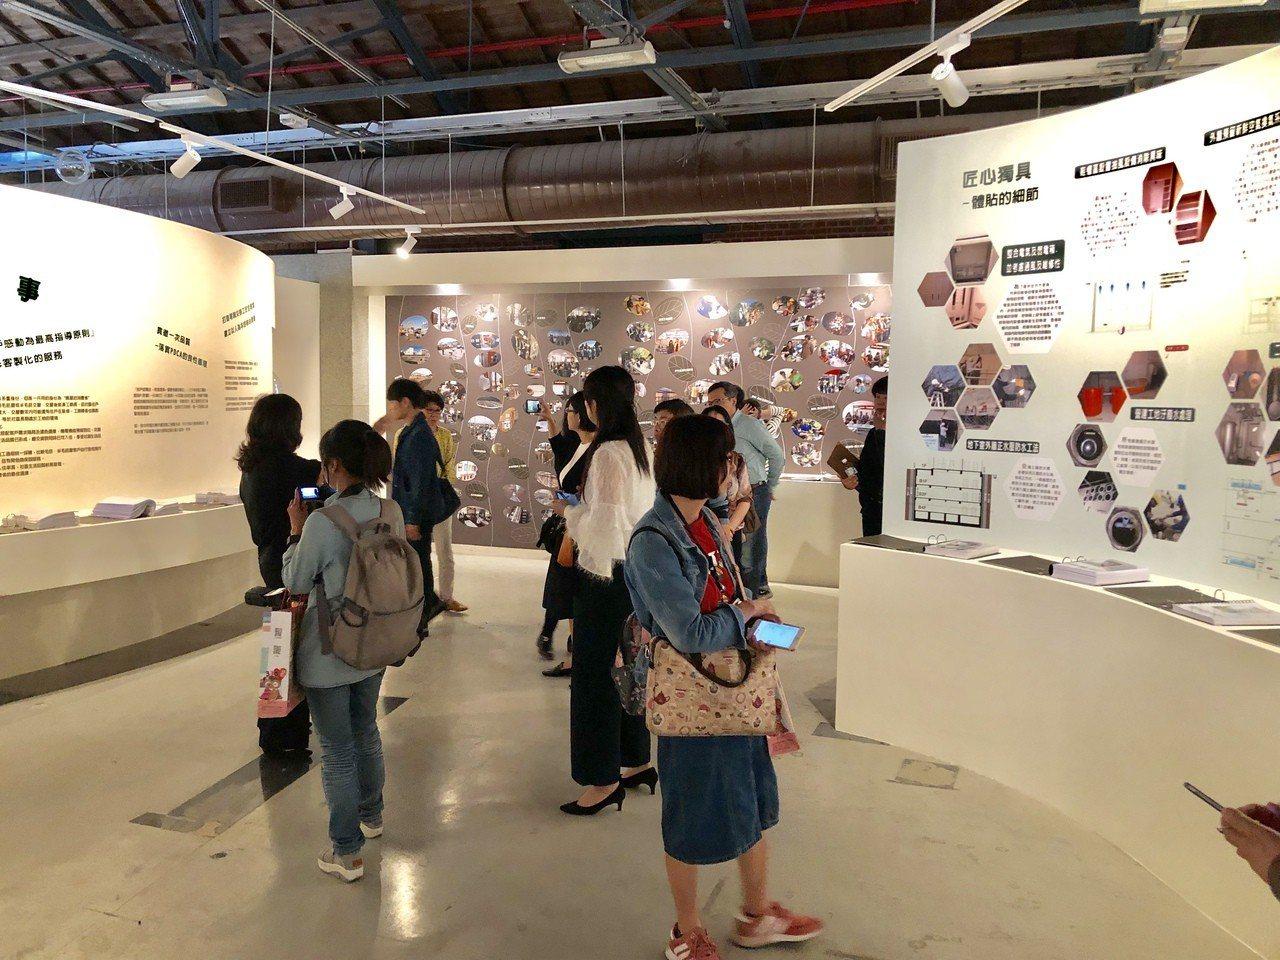 龍寶建設董事長張麗莉說,這是一場「龍寶三十DNA進化論」的展示,更是龍寶為住戶提...